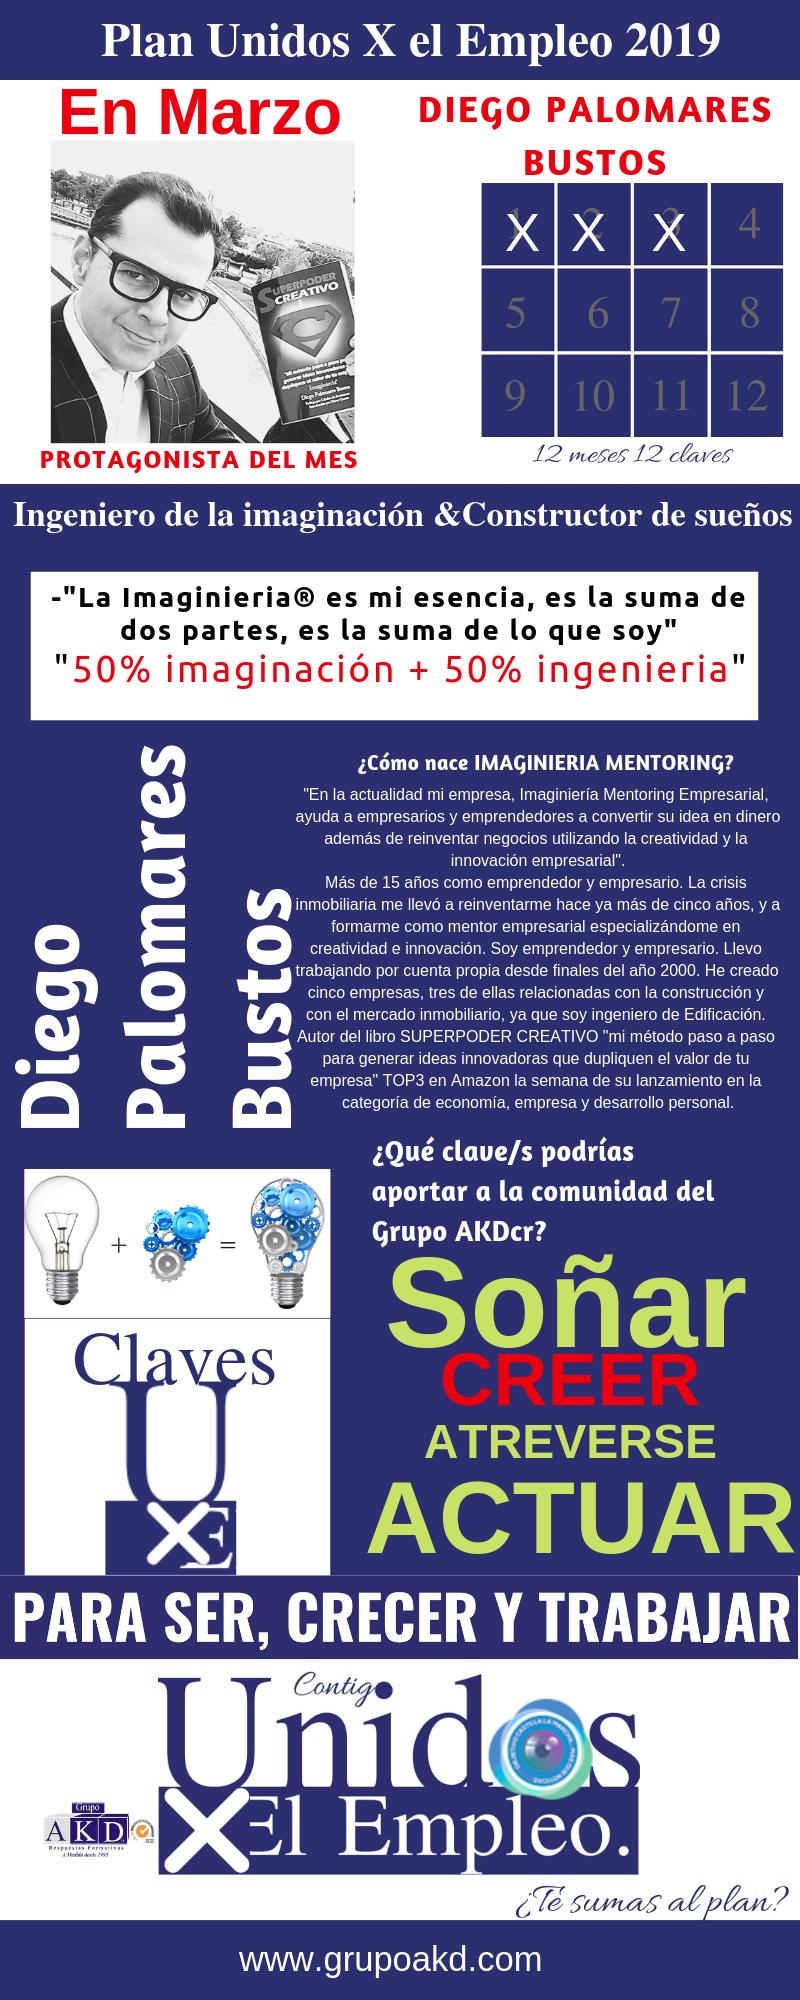 Protagonista mes de marzo: Diego Palomares